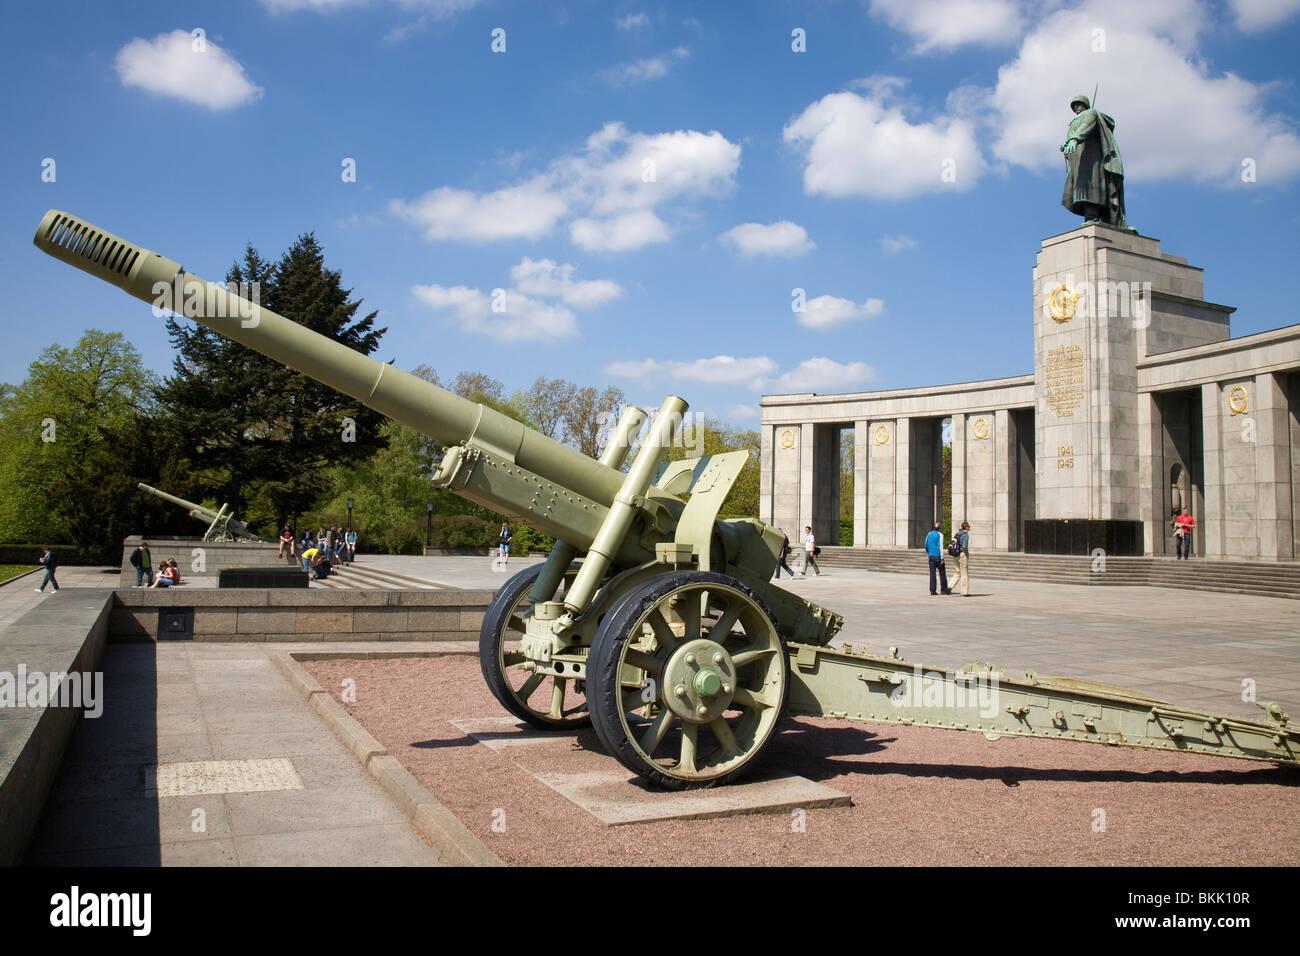 Soviet Memorial, Tiergarten, Berlin, Germany - Stock Image